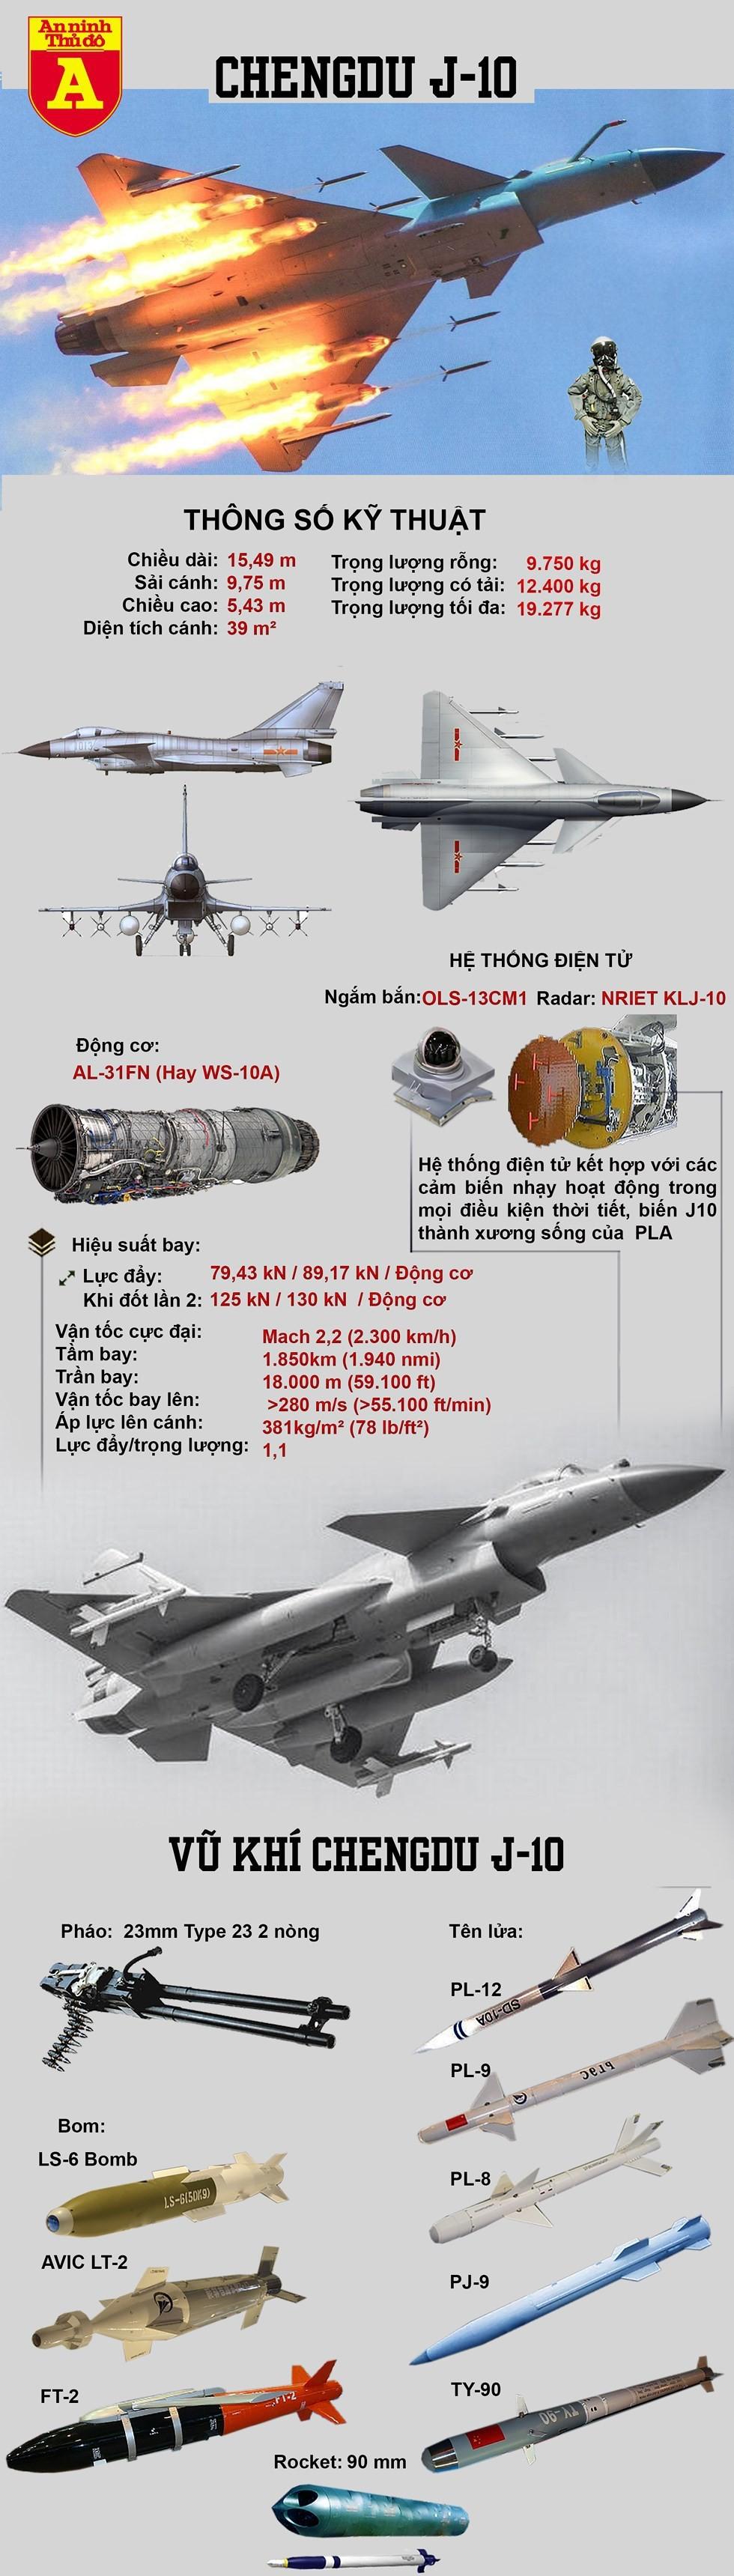 [Info] Bất ngờ Trung Quốc cho 40 tiêm kích J-10 áp sát biên giới Ấn Độ từ ngả Pakistan ảnh 3